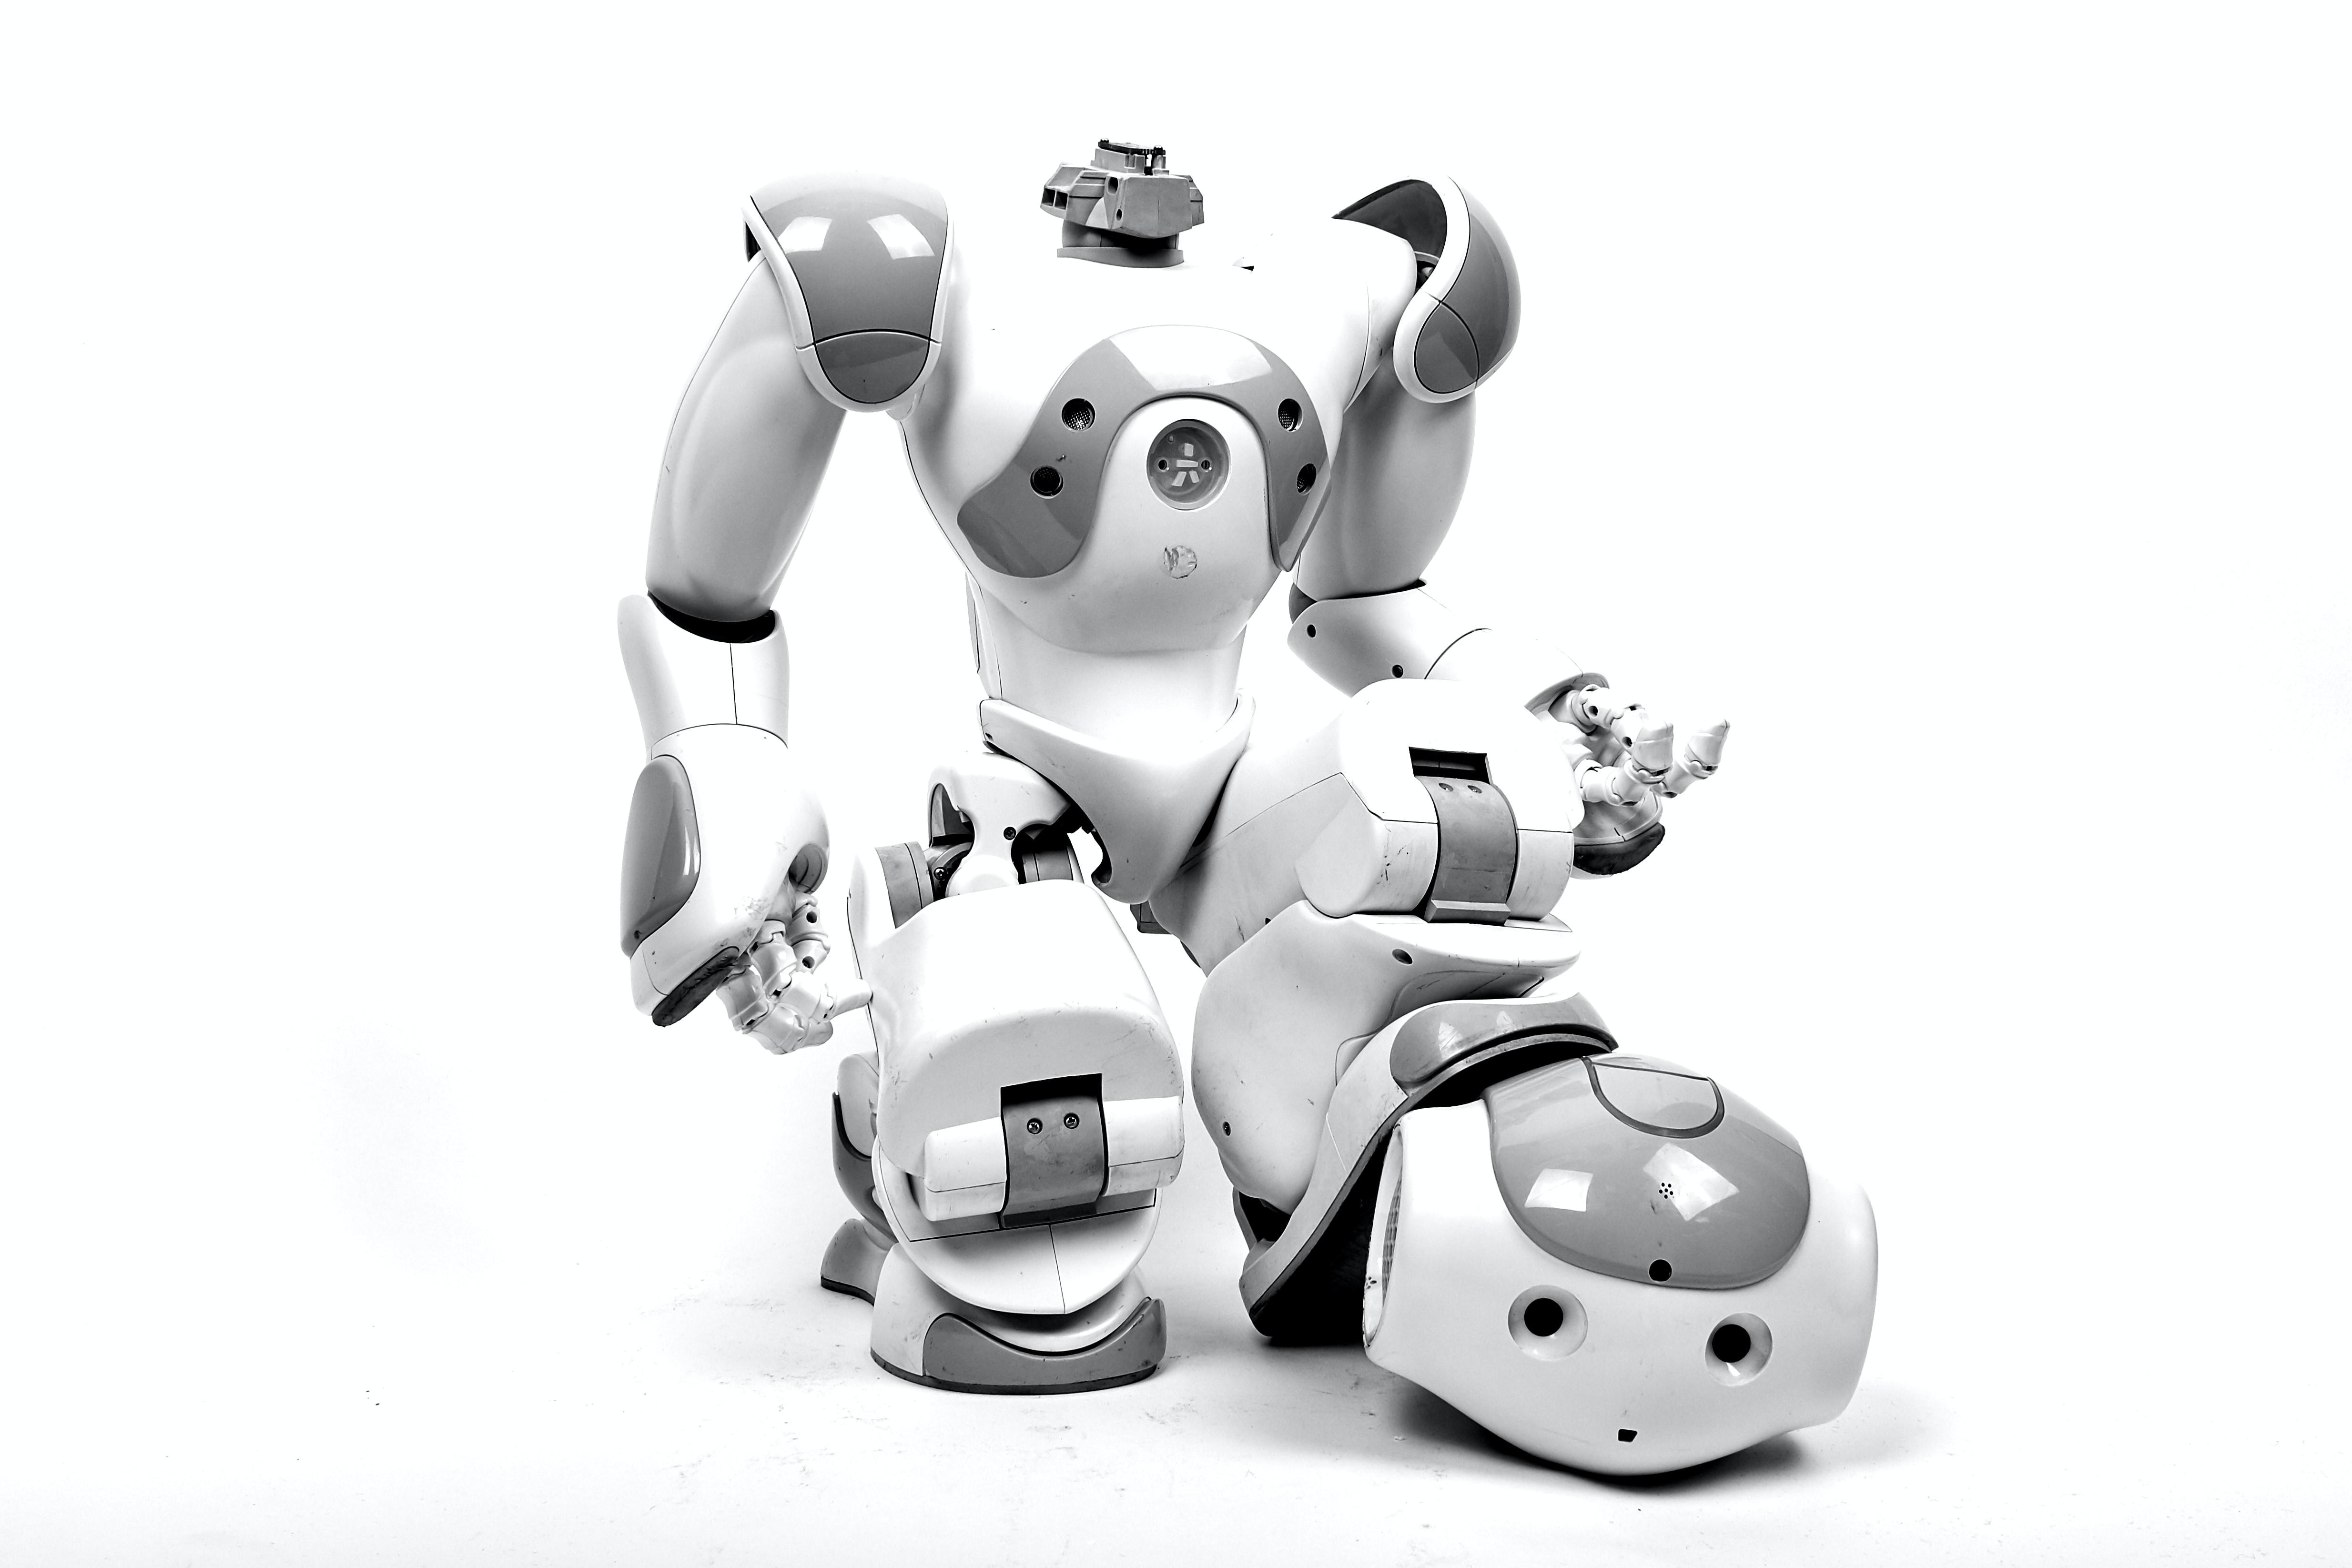 Décryptage d'une rhétorique roboticienne au temps du Covid-19